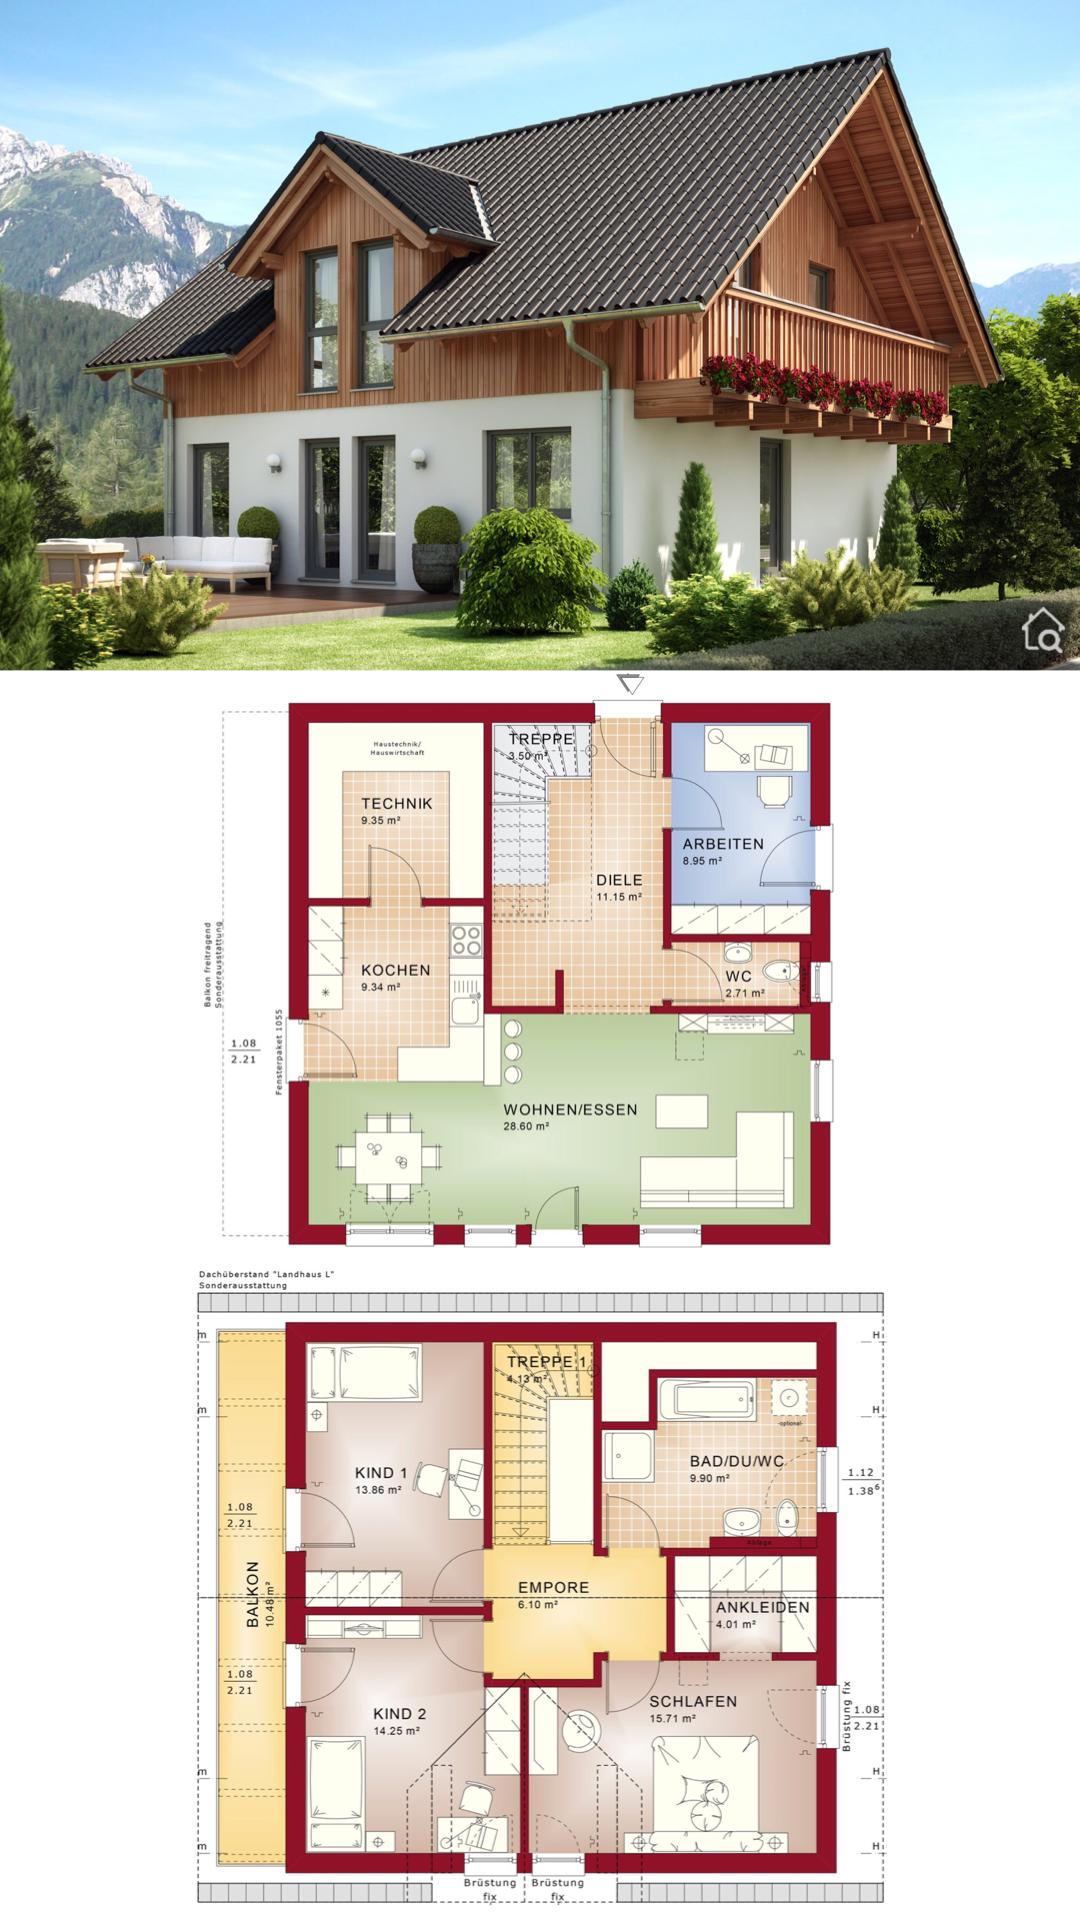 Einfamilienhaus Grundriss 140 qm groß mit Satteldach 3 Kinderzimmer & Balkon im Landhausstil bauen